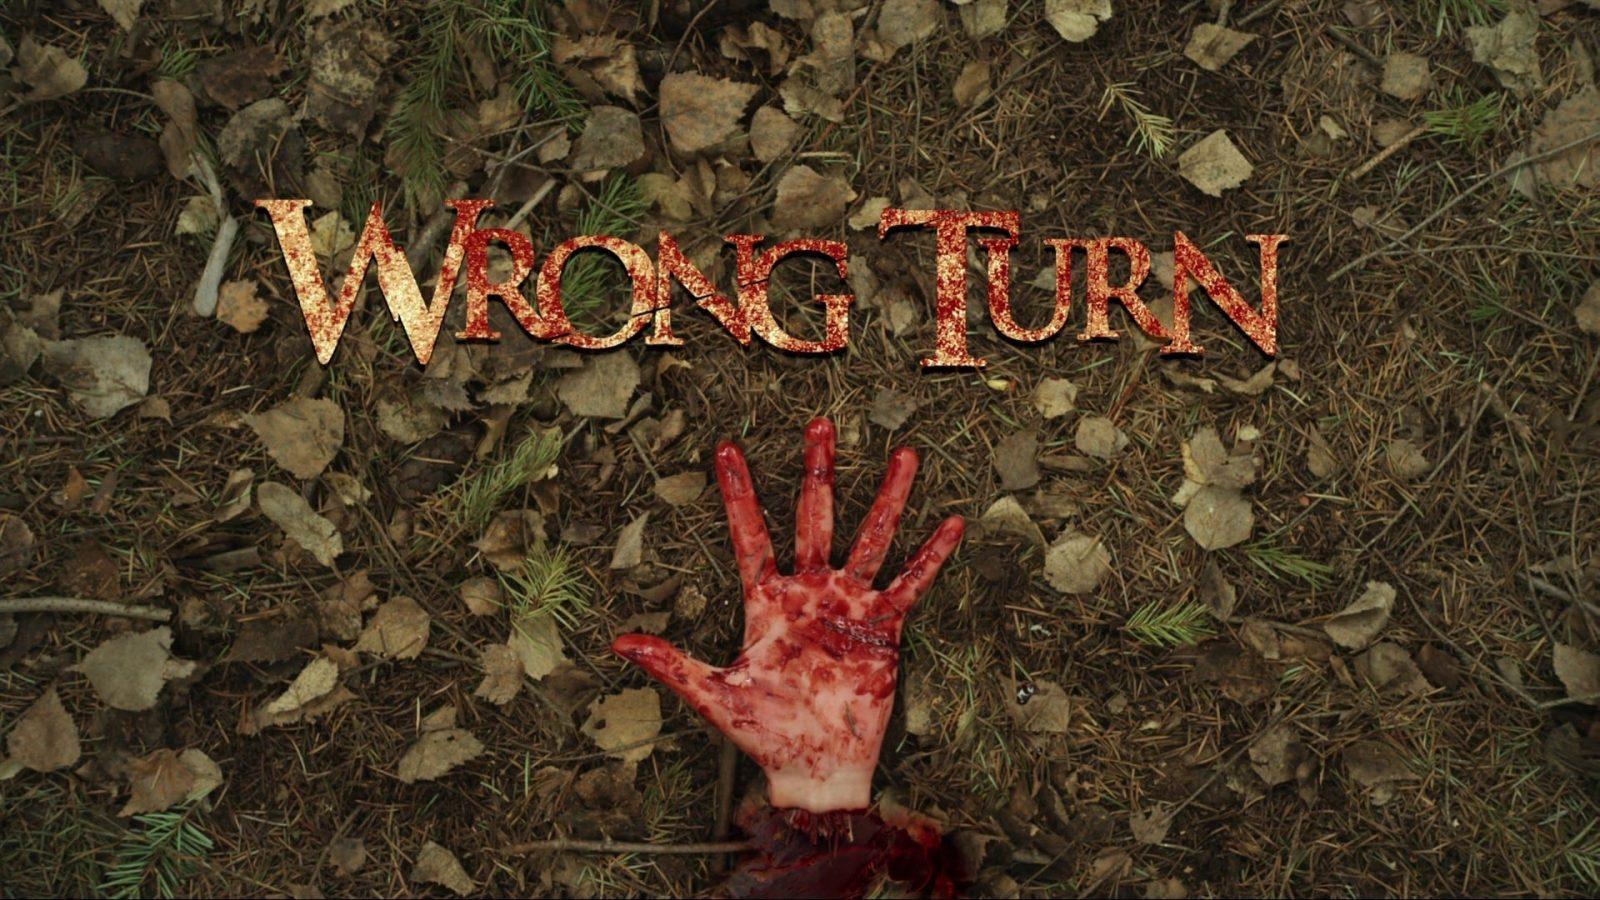 Первая часть кинофильма вышла в 2003 году, а последняя - в 2014 году